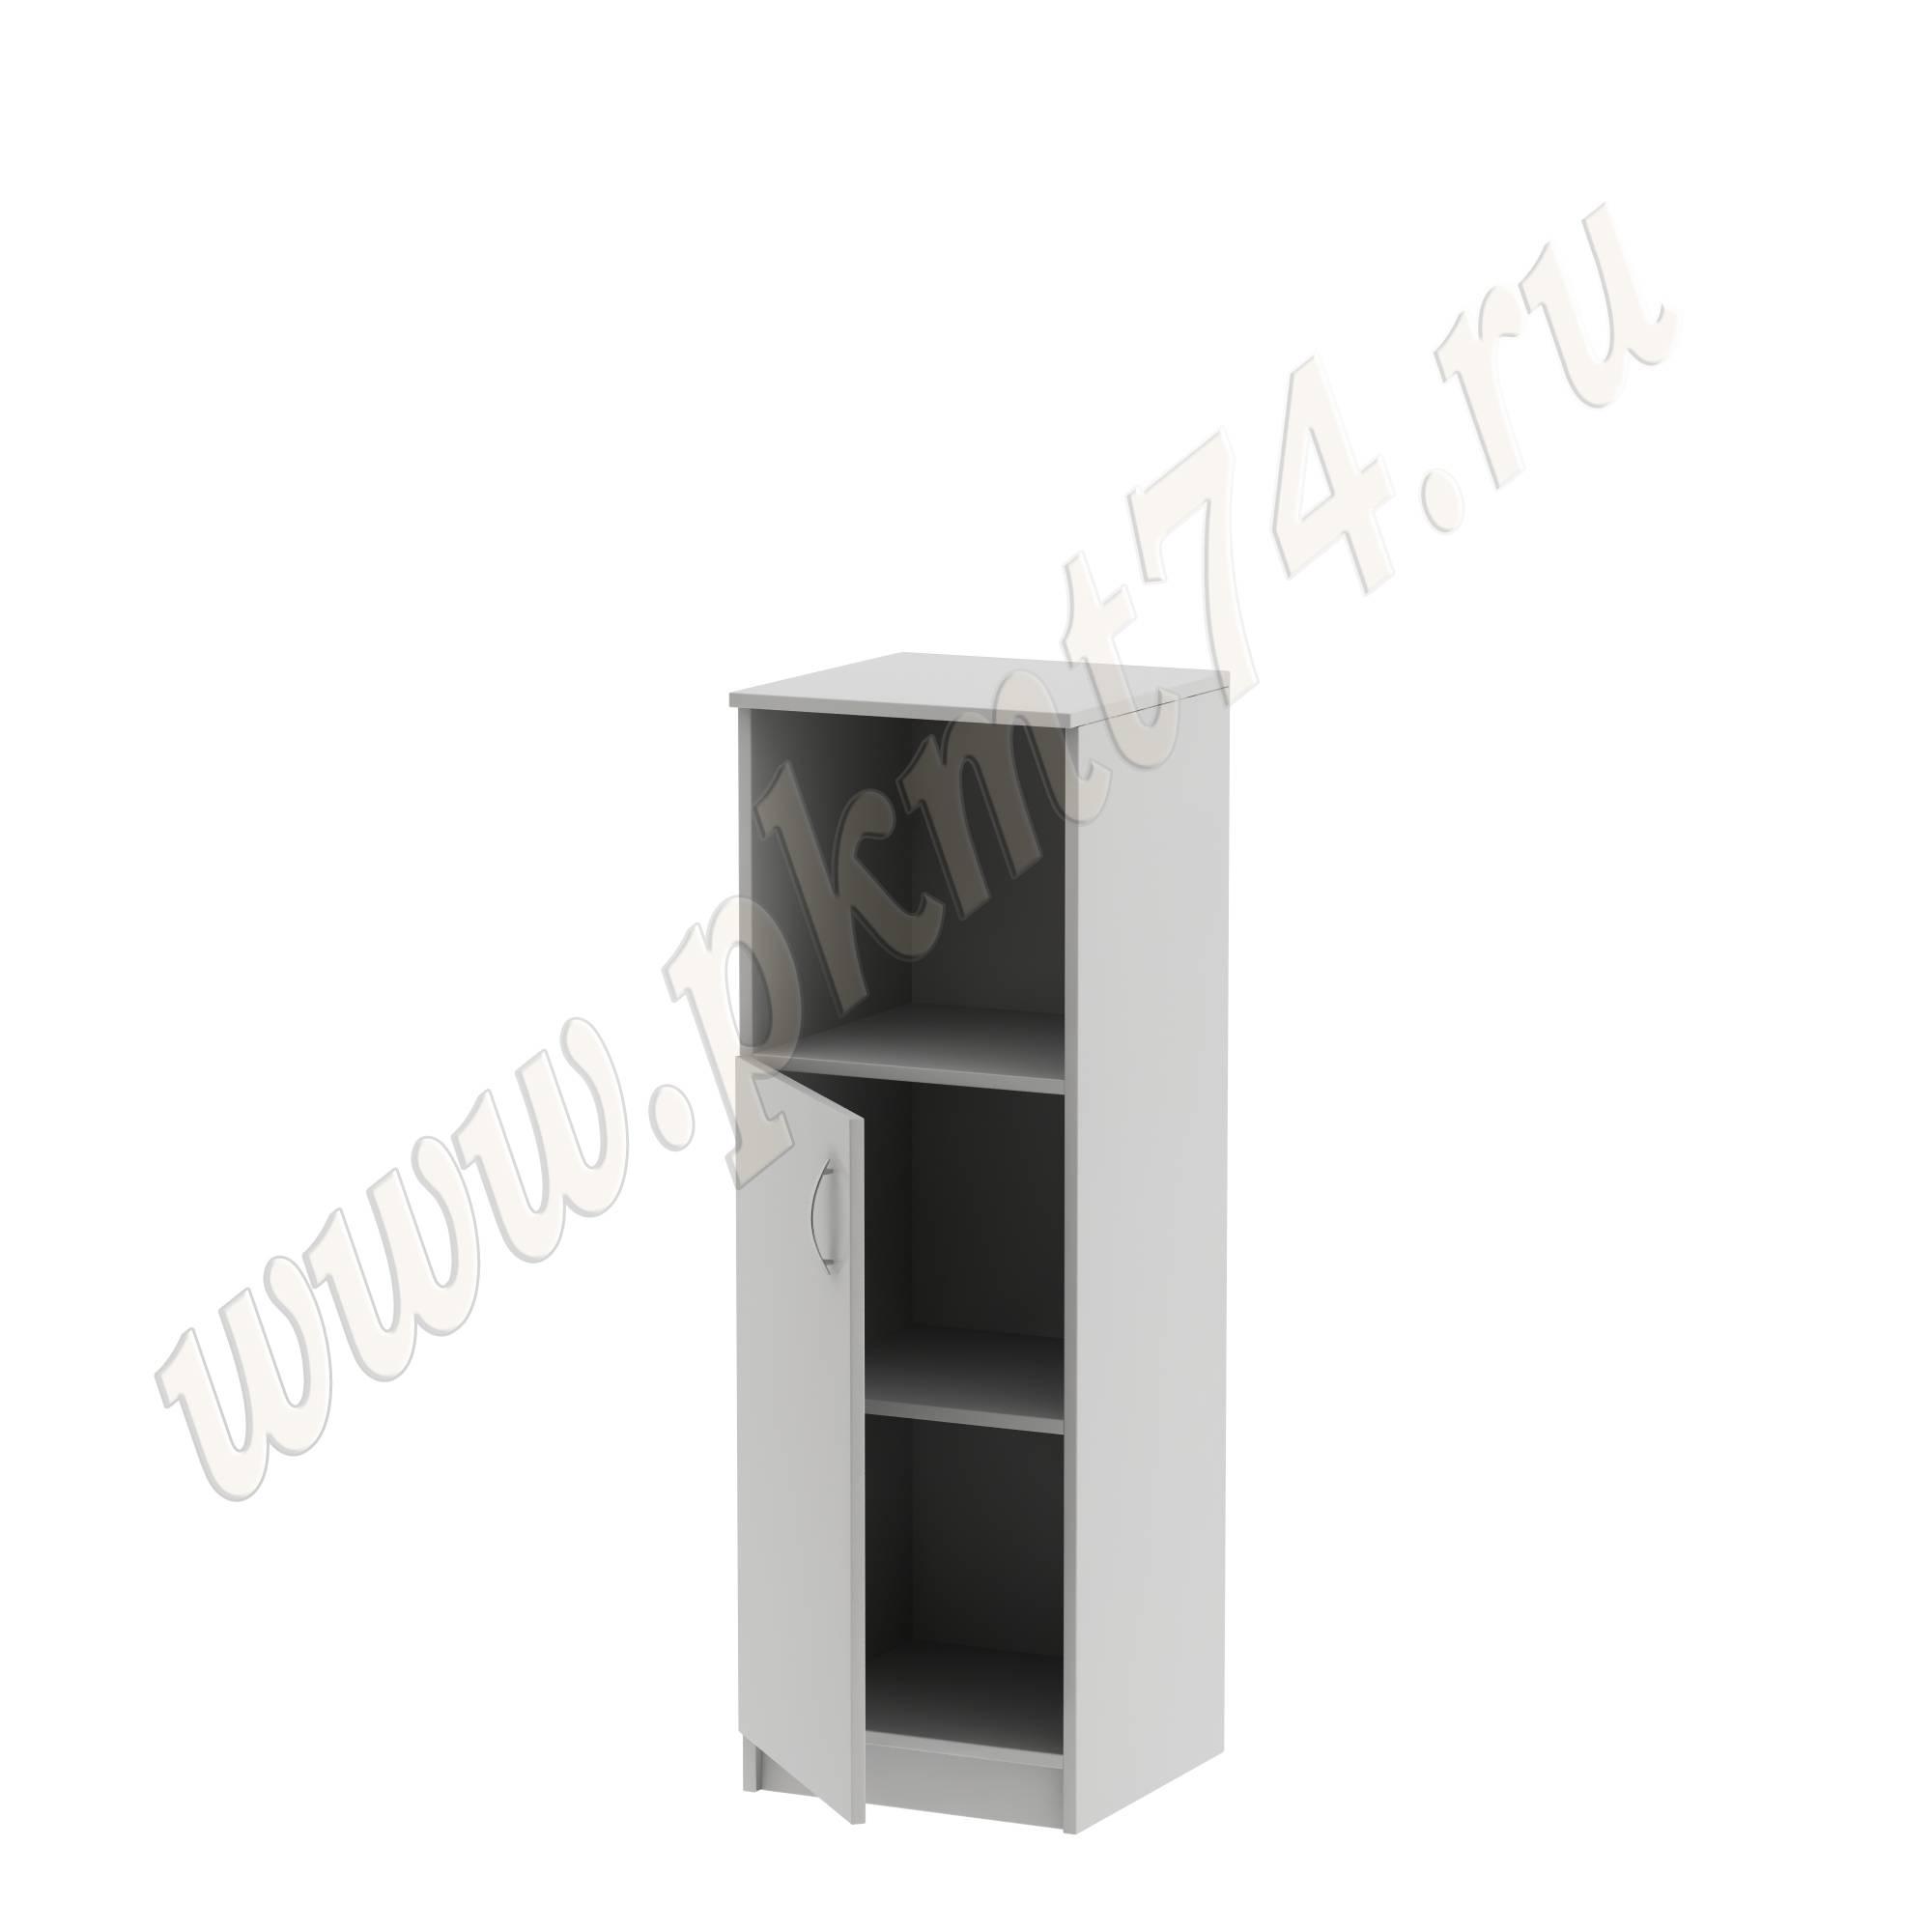 Пенал с нишей и дверкой серый MT 13-3 серый